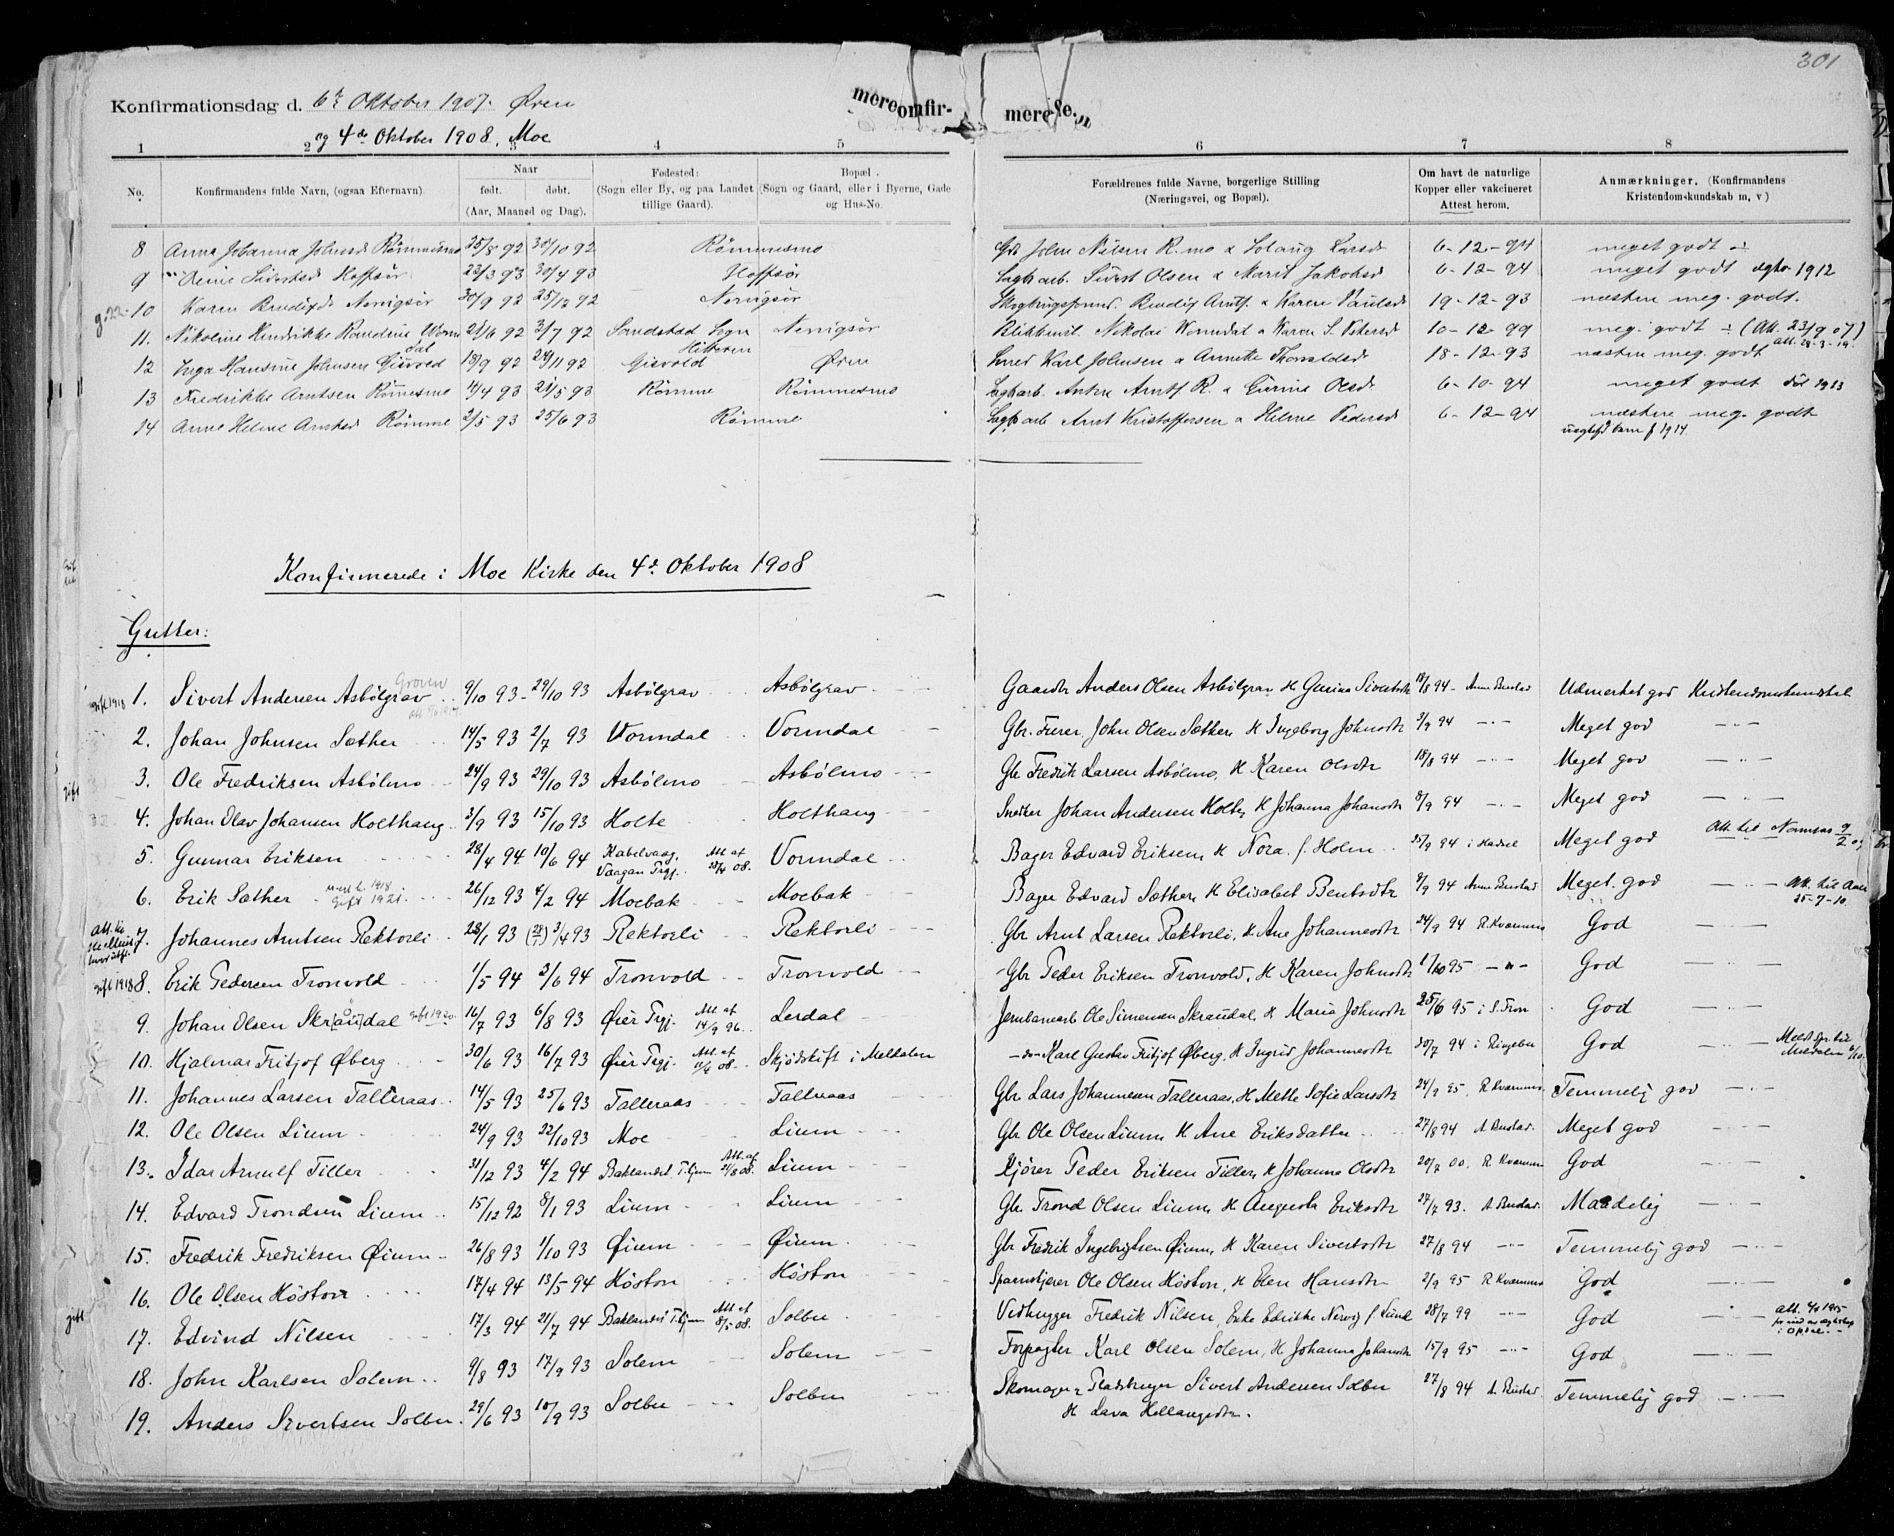 SAT, Ministerialprotokoller, klokkerbøker og fødselsregistre - Sør-Trøndelag, 668/L0811: Ministerialbok nr. 668A11, 1894-1913, s. 301